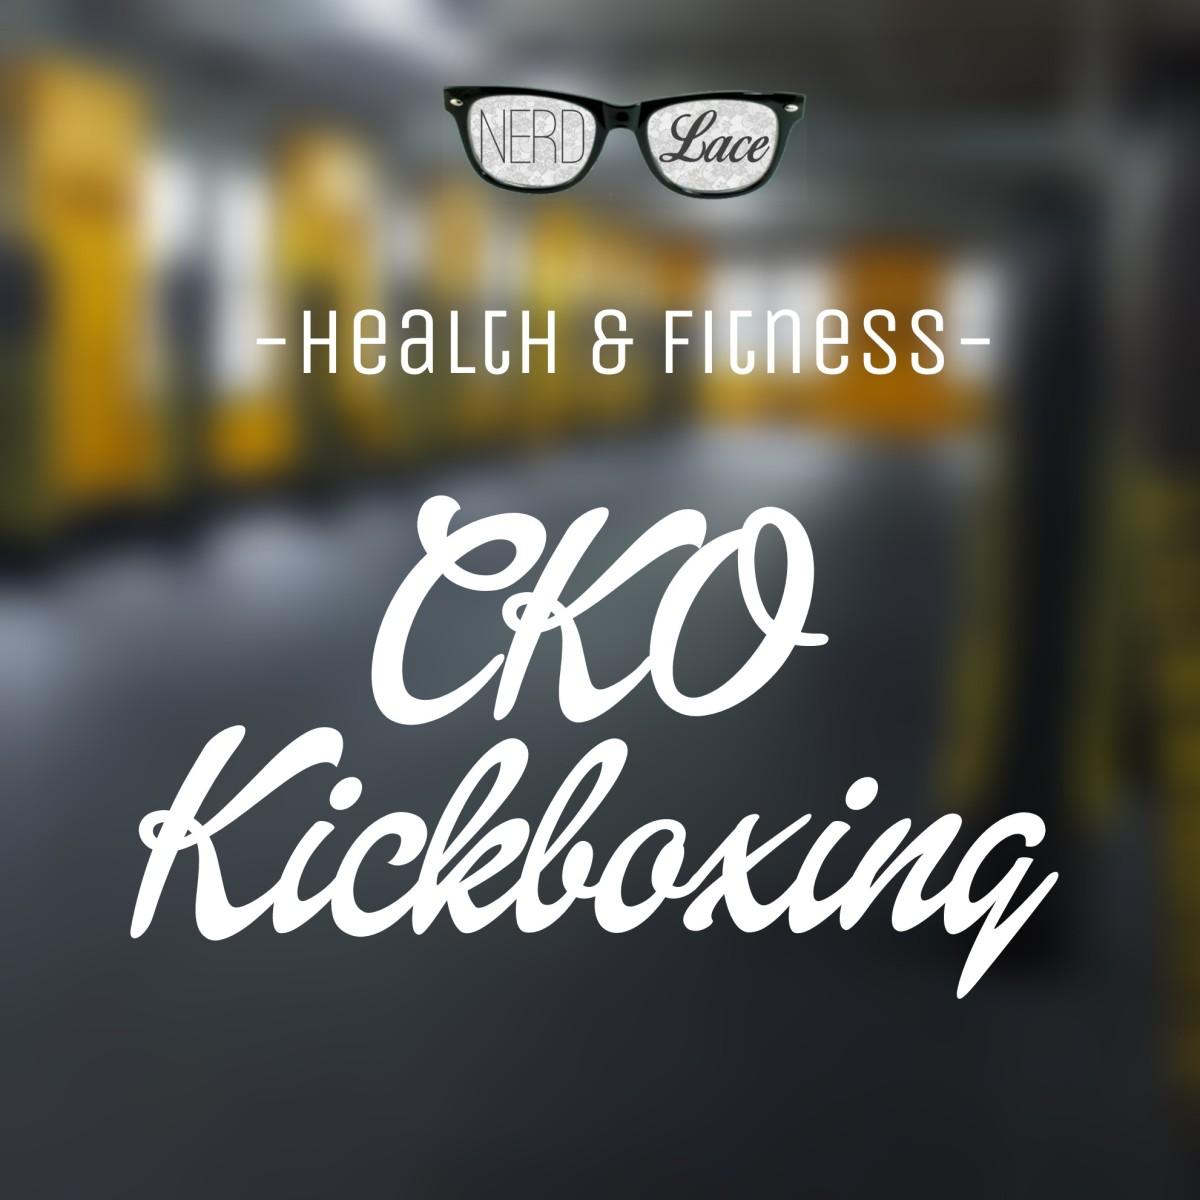 CKO Kickboxing – Nerd & Lace